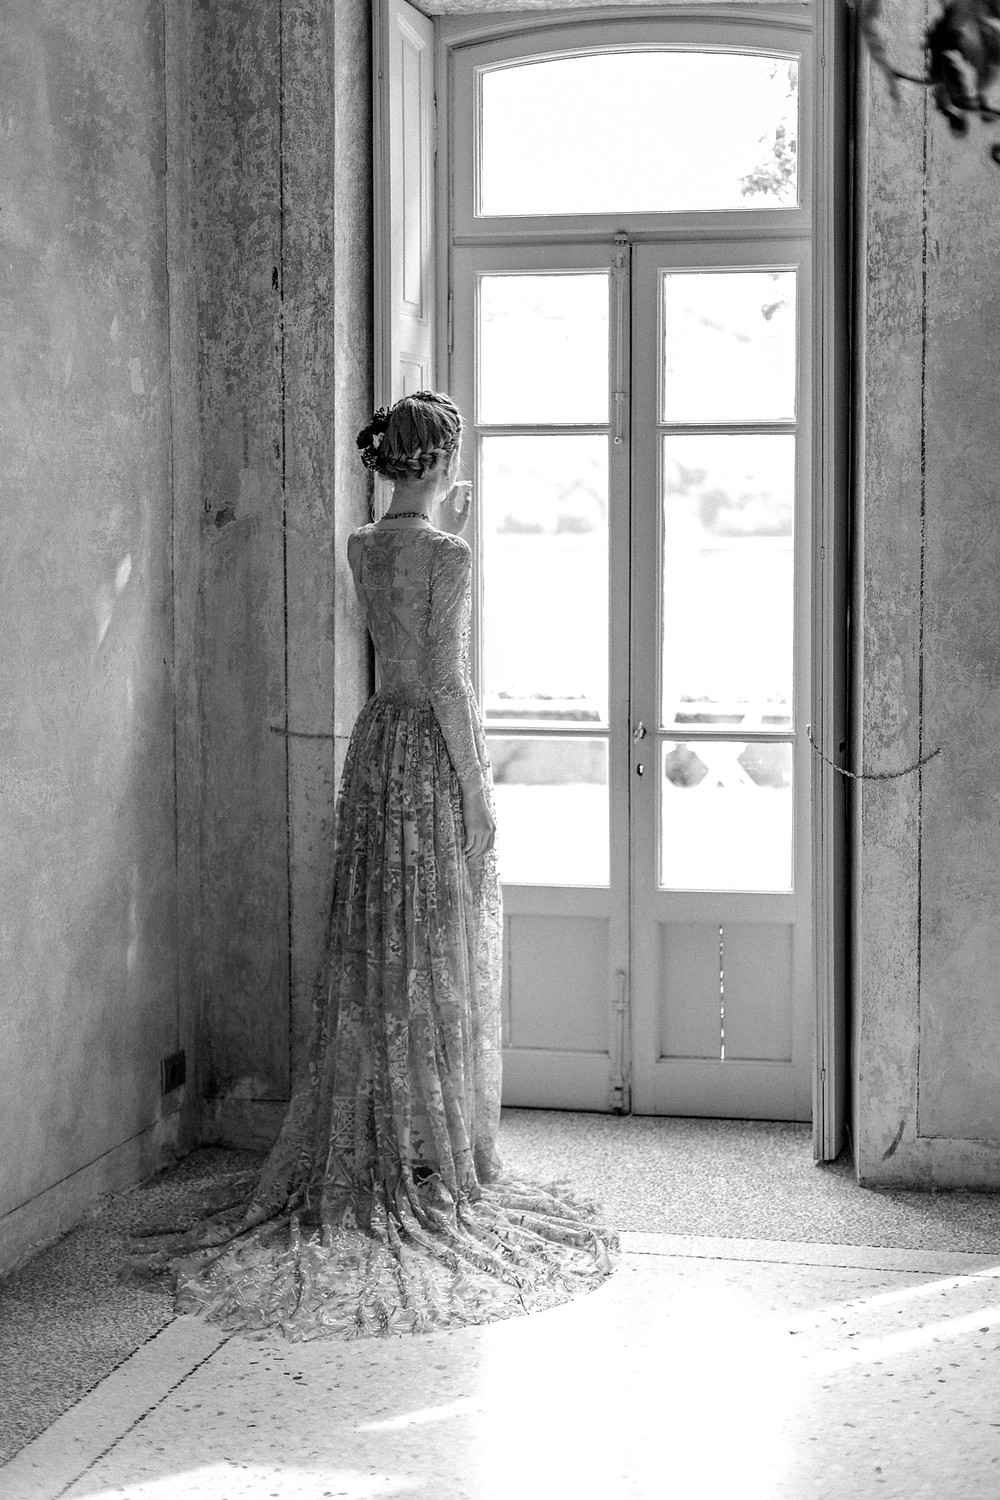 Die Braut wartet auf ihren Bräutigam damit die Hochzeitszeremonie in Italien beginnen kann